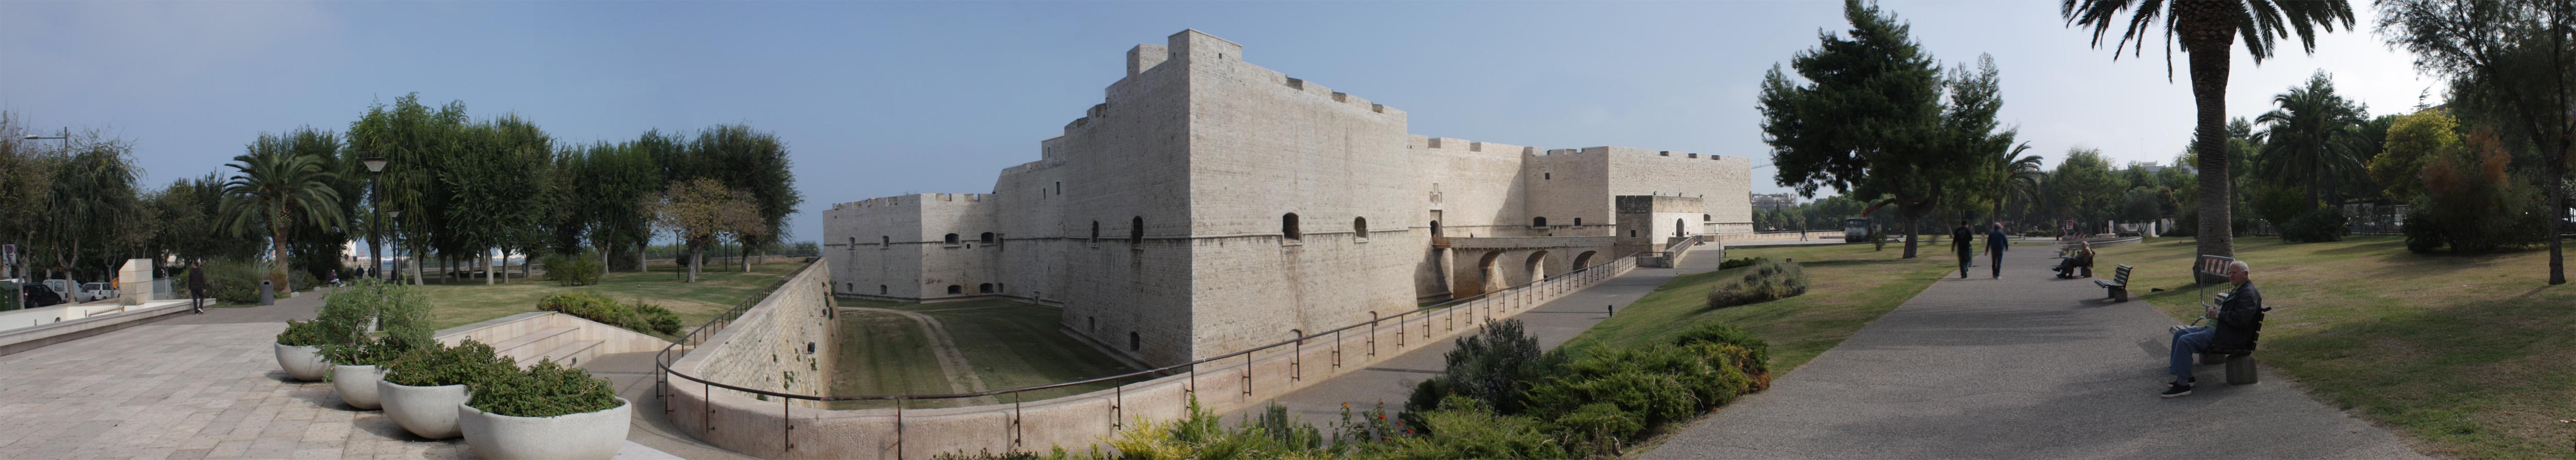 Barletta panoramica del castello